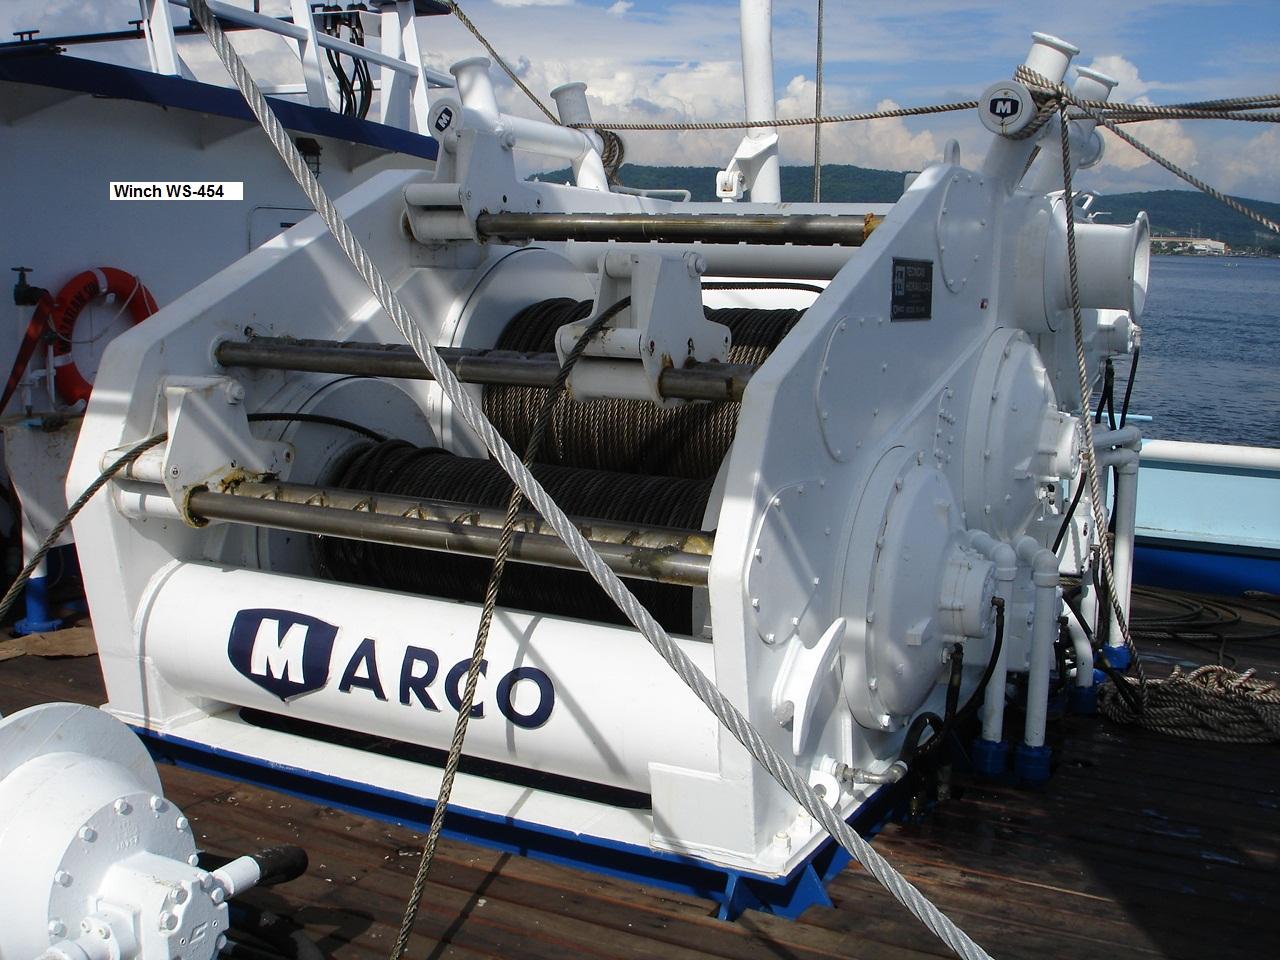 Adquisición de la tecnología Marco